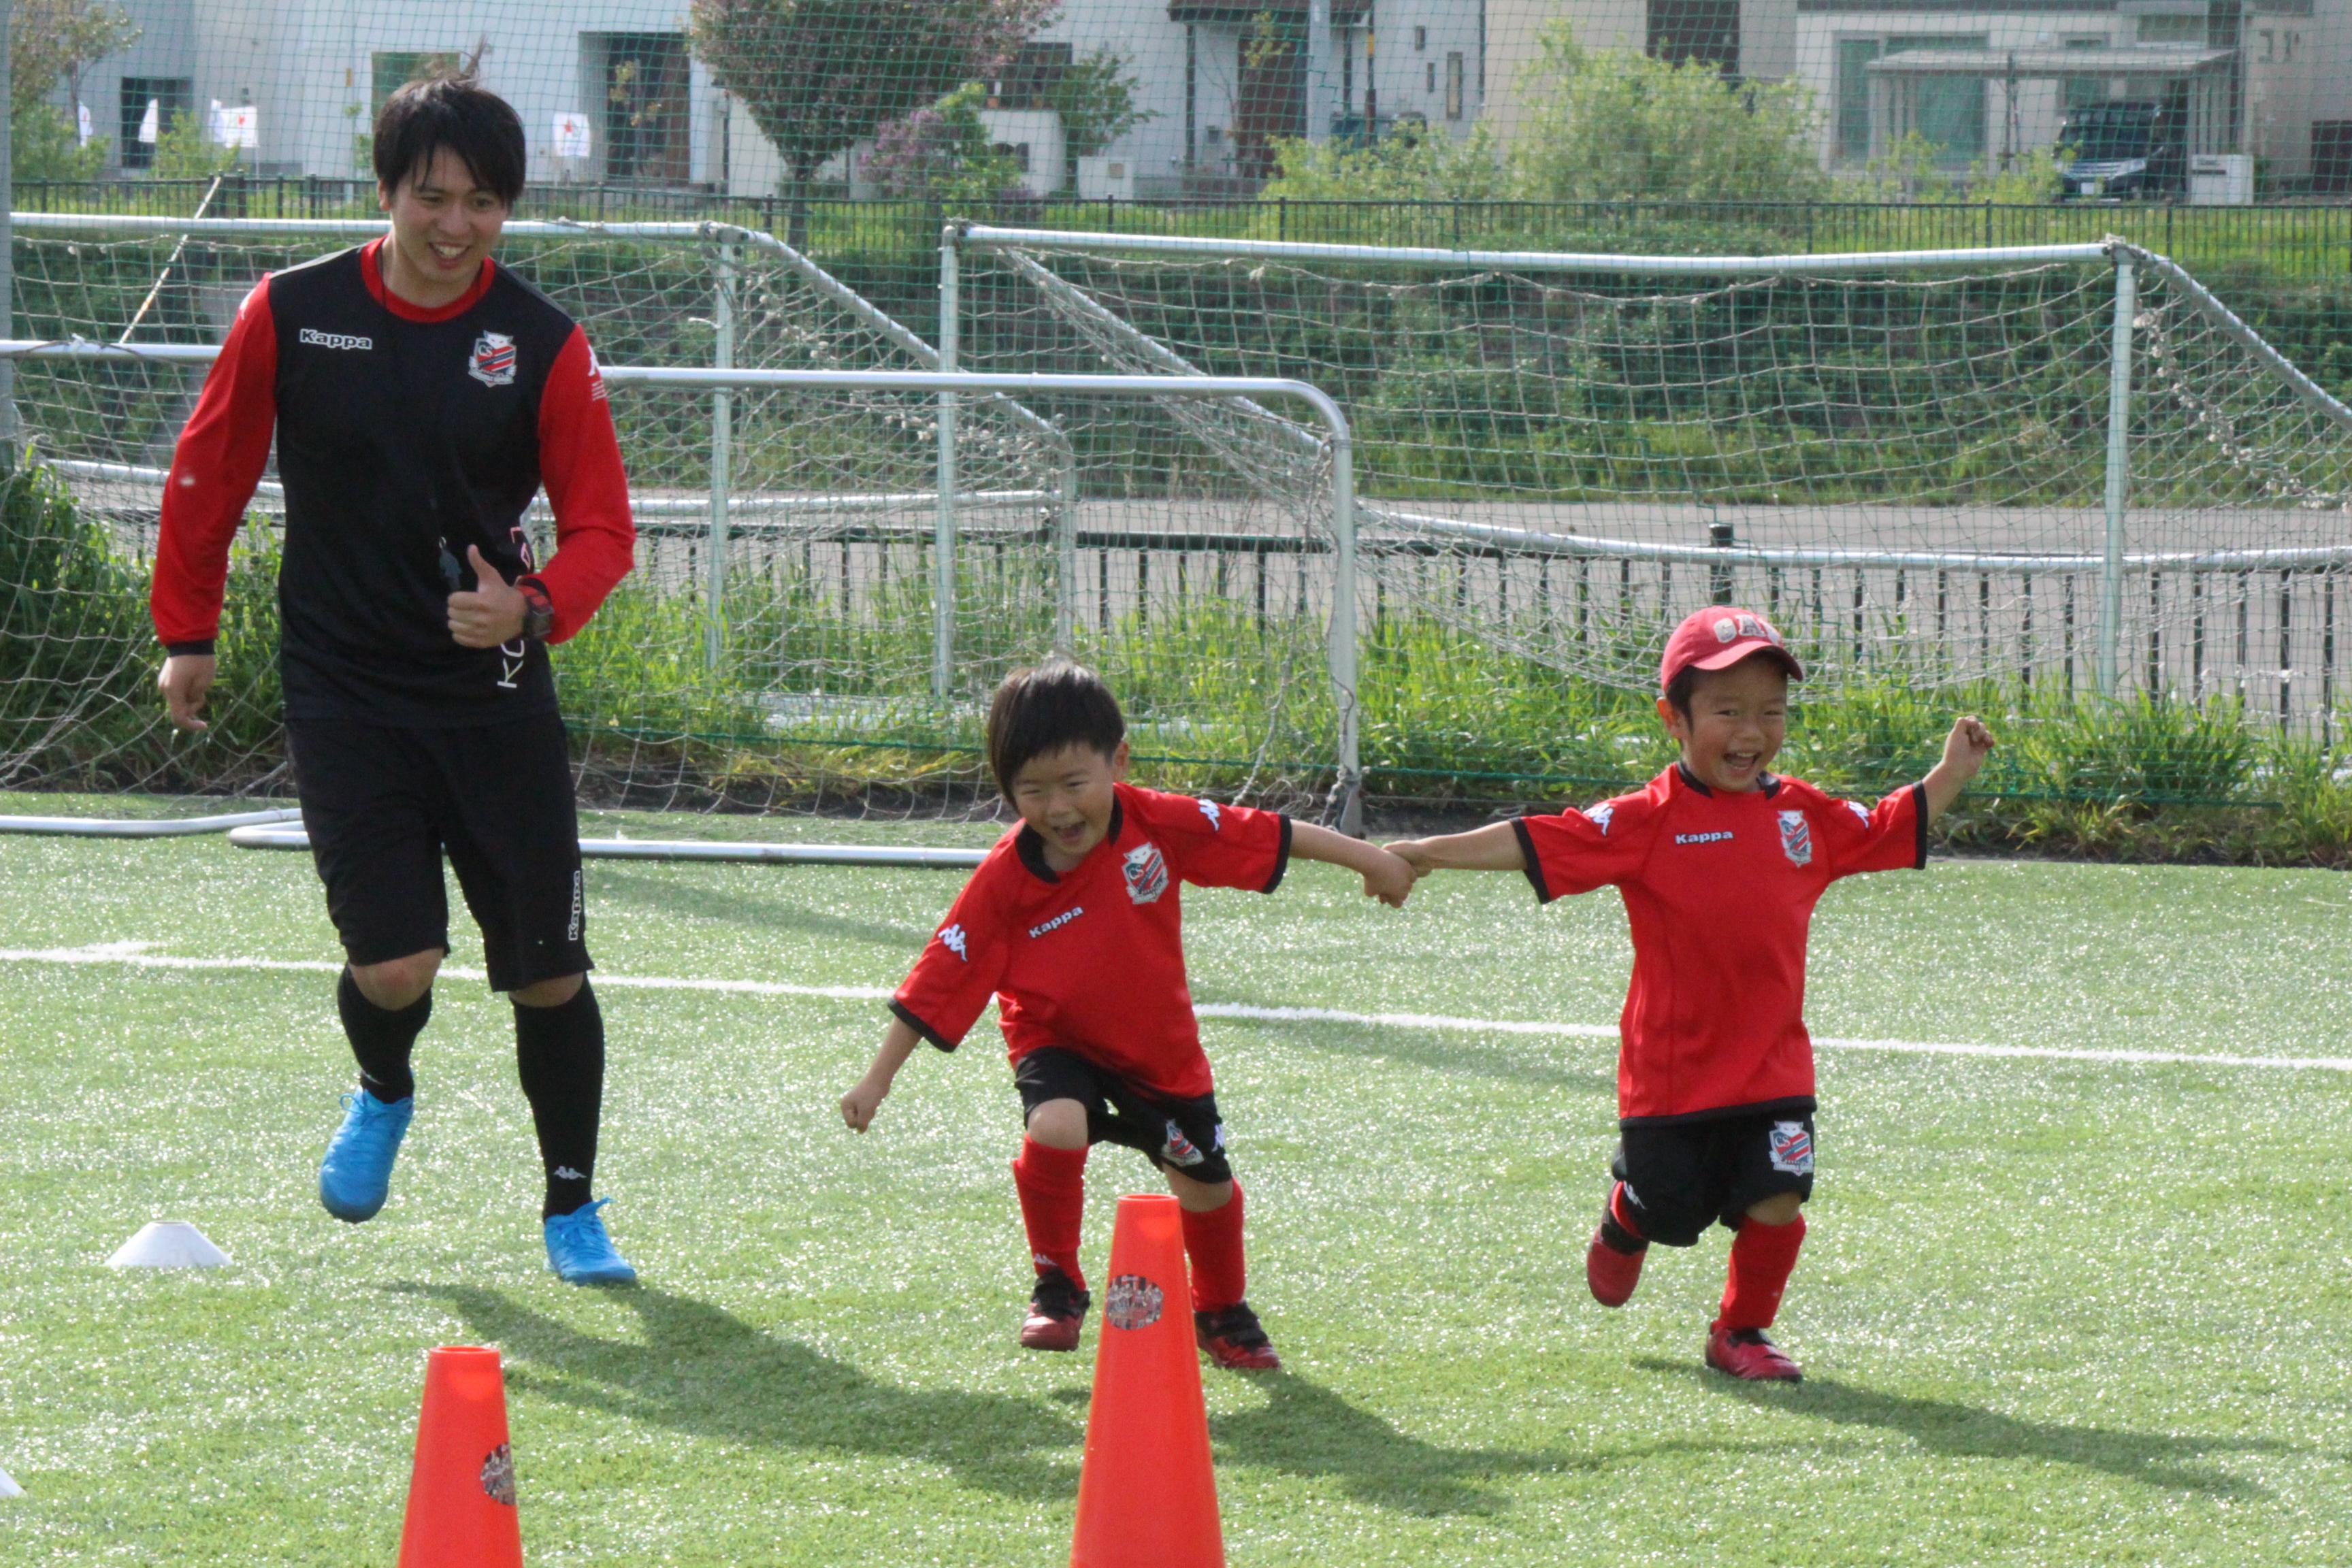 http://chsc.jp/news/up_images/IMG_6416.JPG